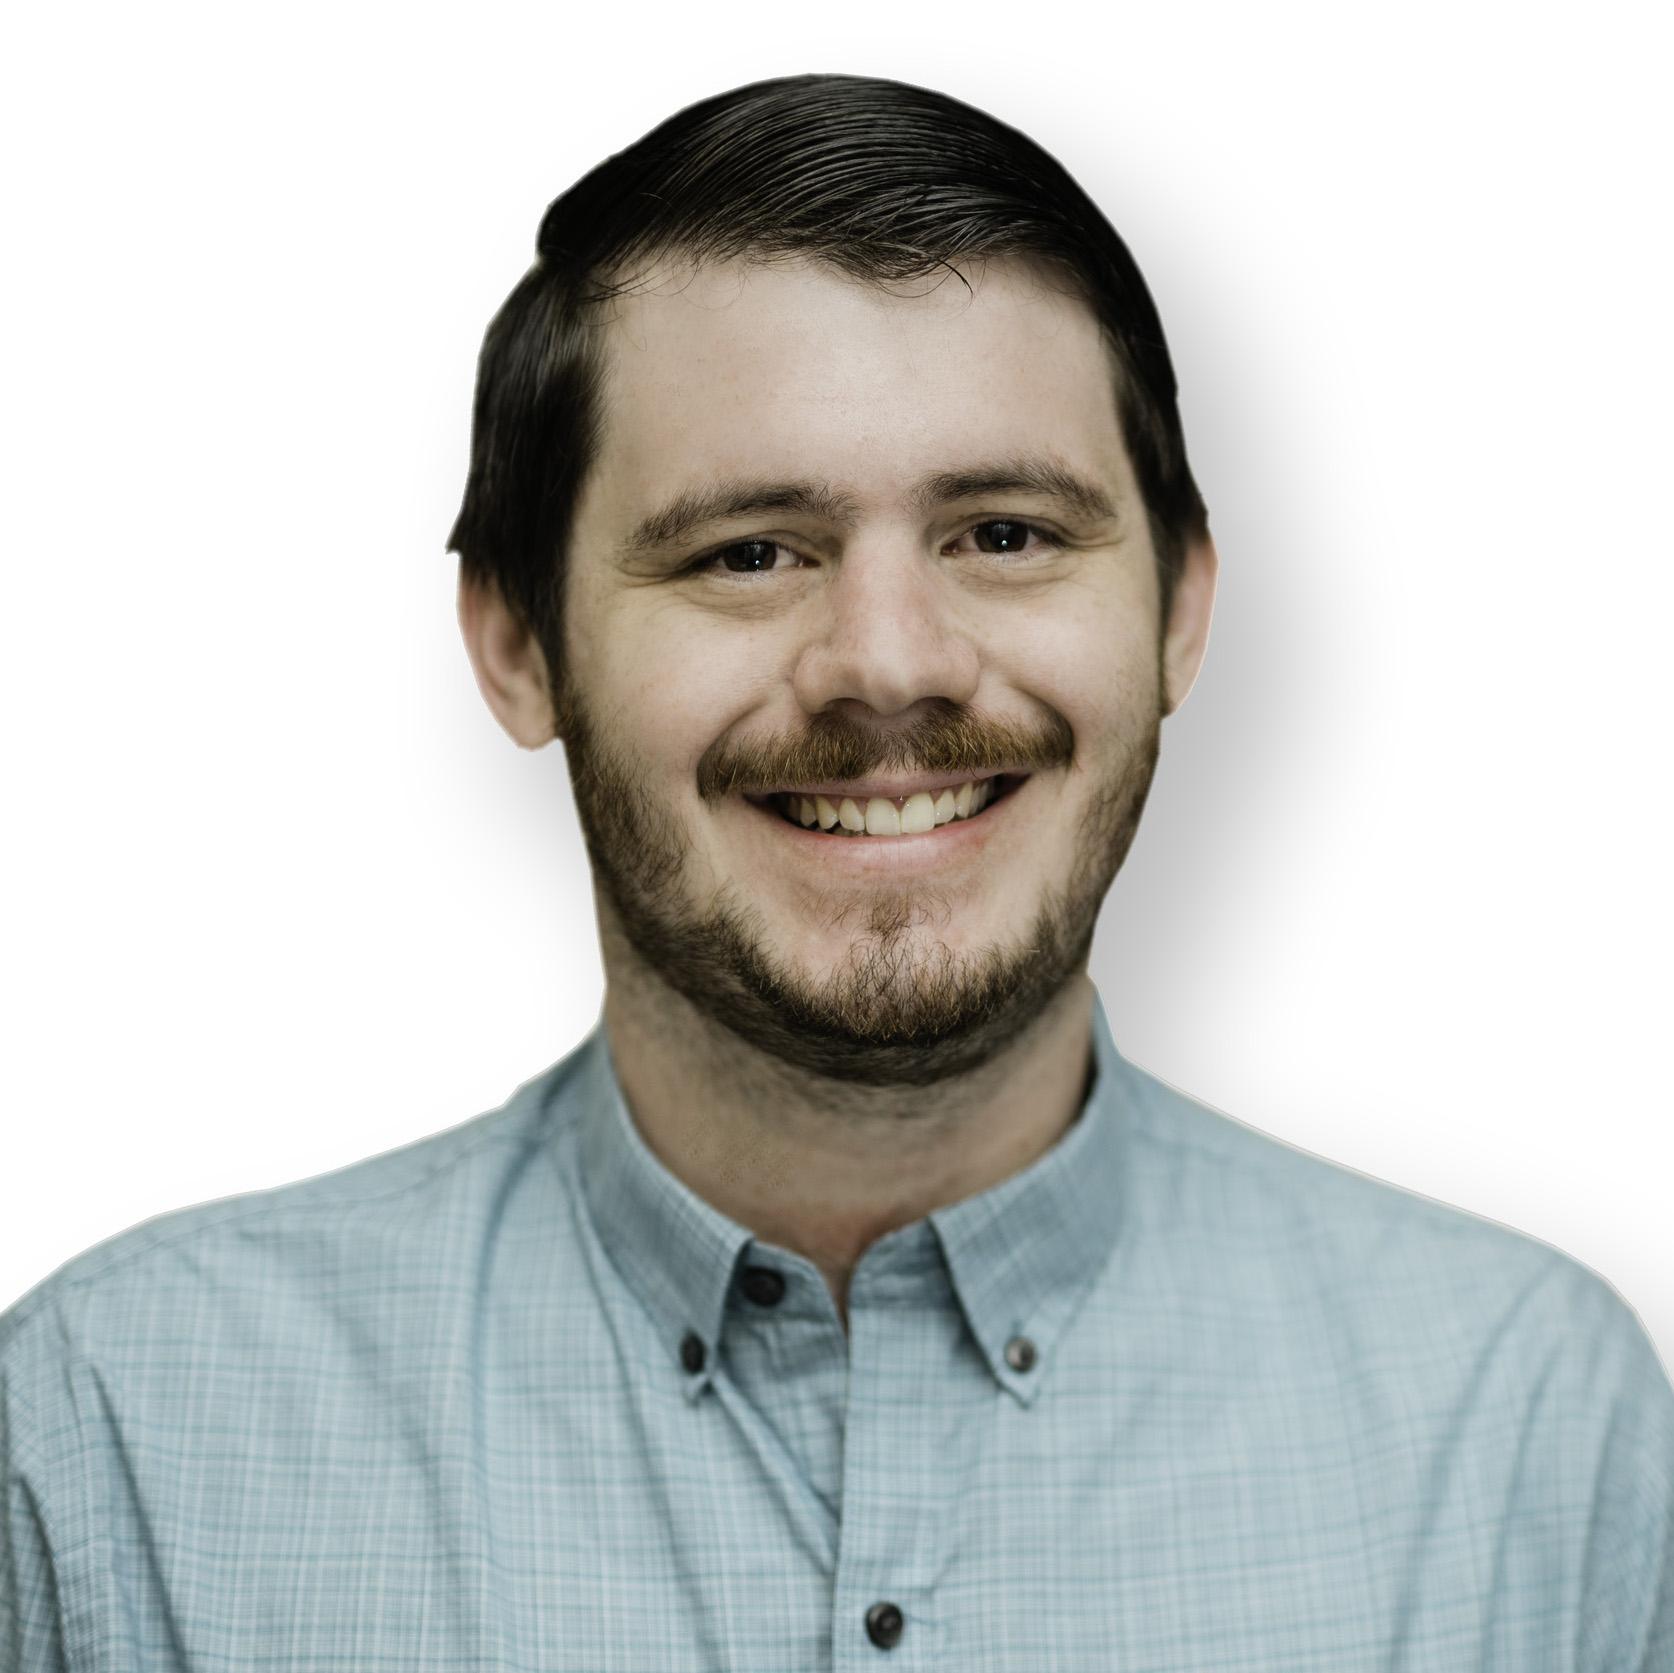 Zachary Lyons - Full-Stack Developer